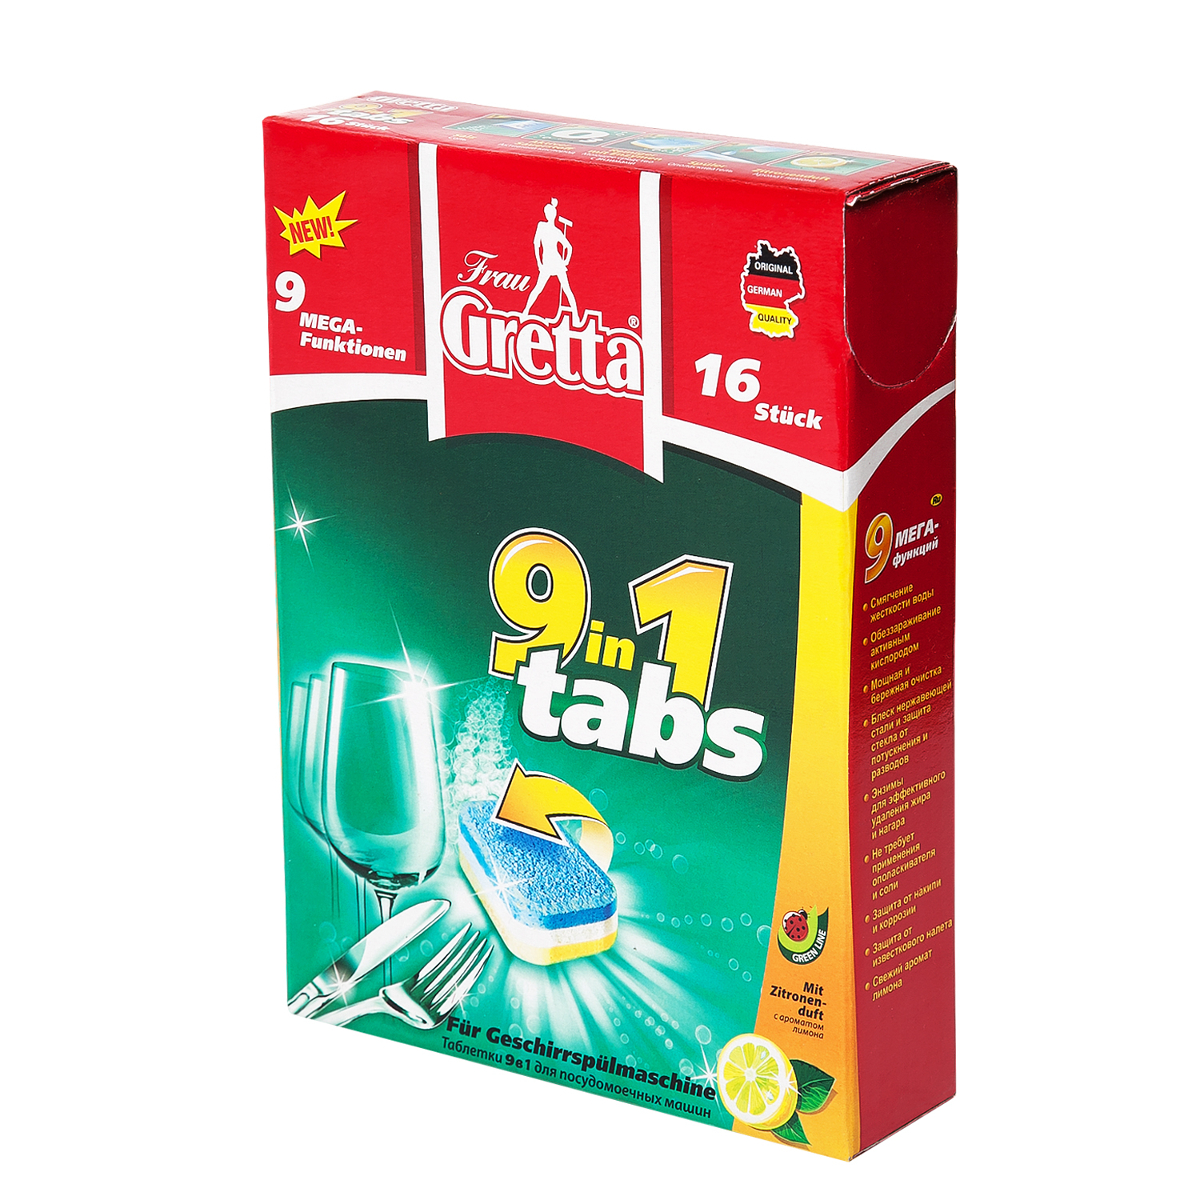 Таблетки для посудомоечной машины Frau Gretta 9 в 1, 16 шт таблетки для посудомоечной машины frau gretta 10 в 1 60 шт